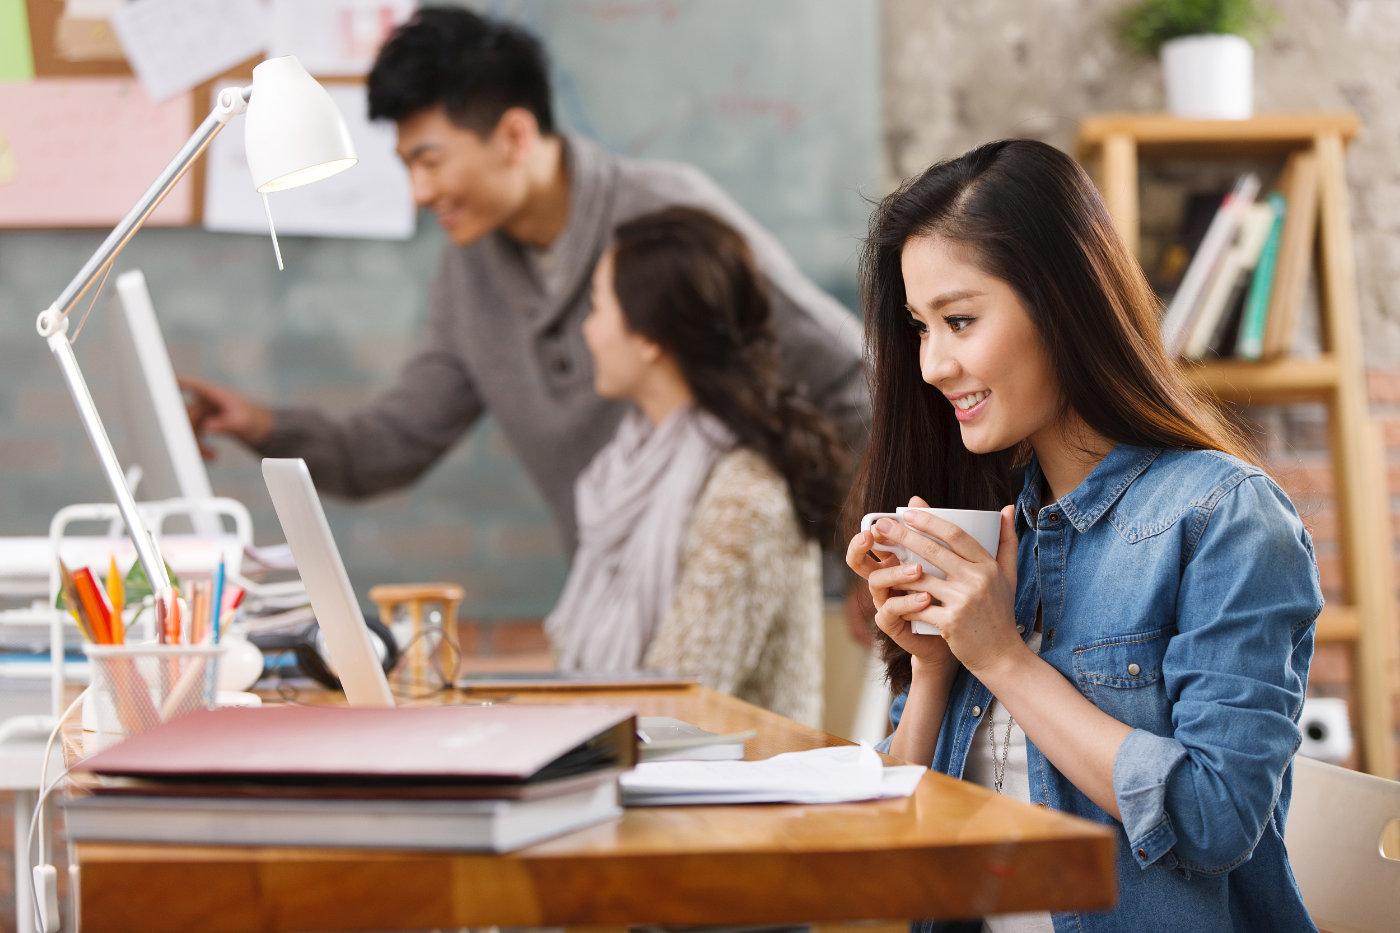 拥有工作经验有助于提高求职成功率,留学生需重视实习的价值